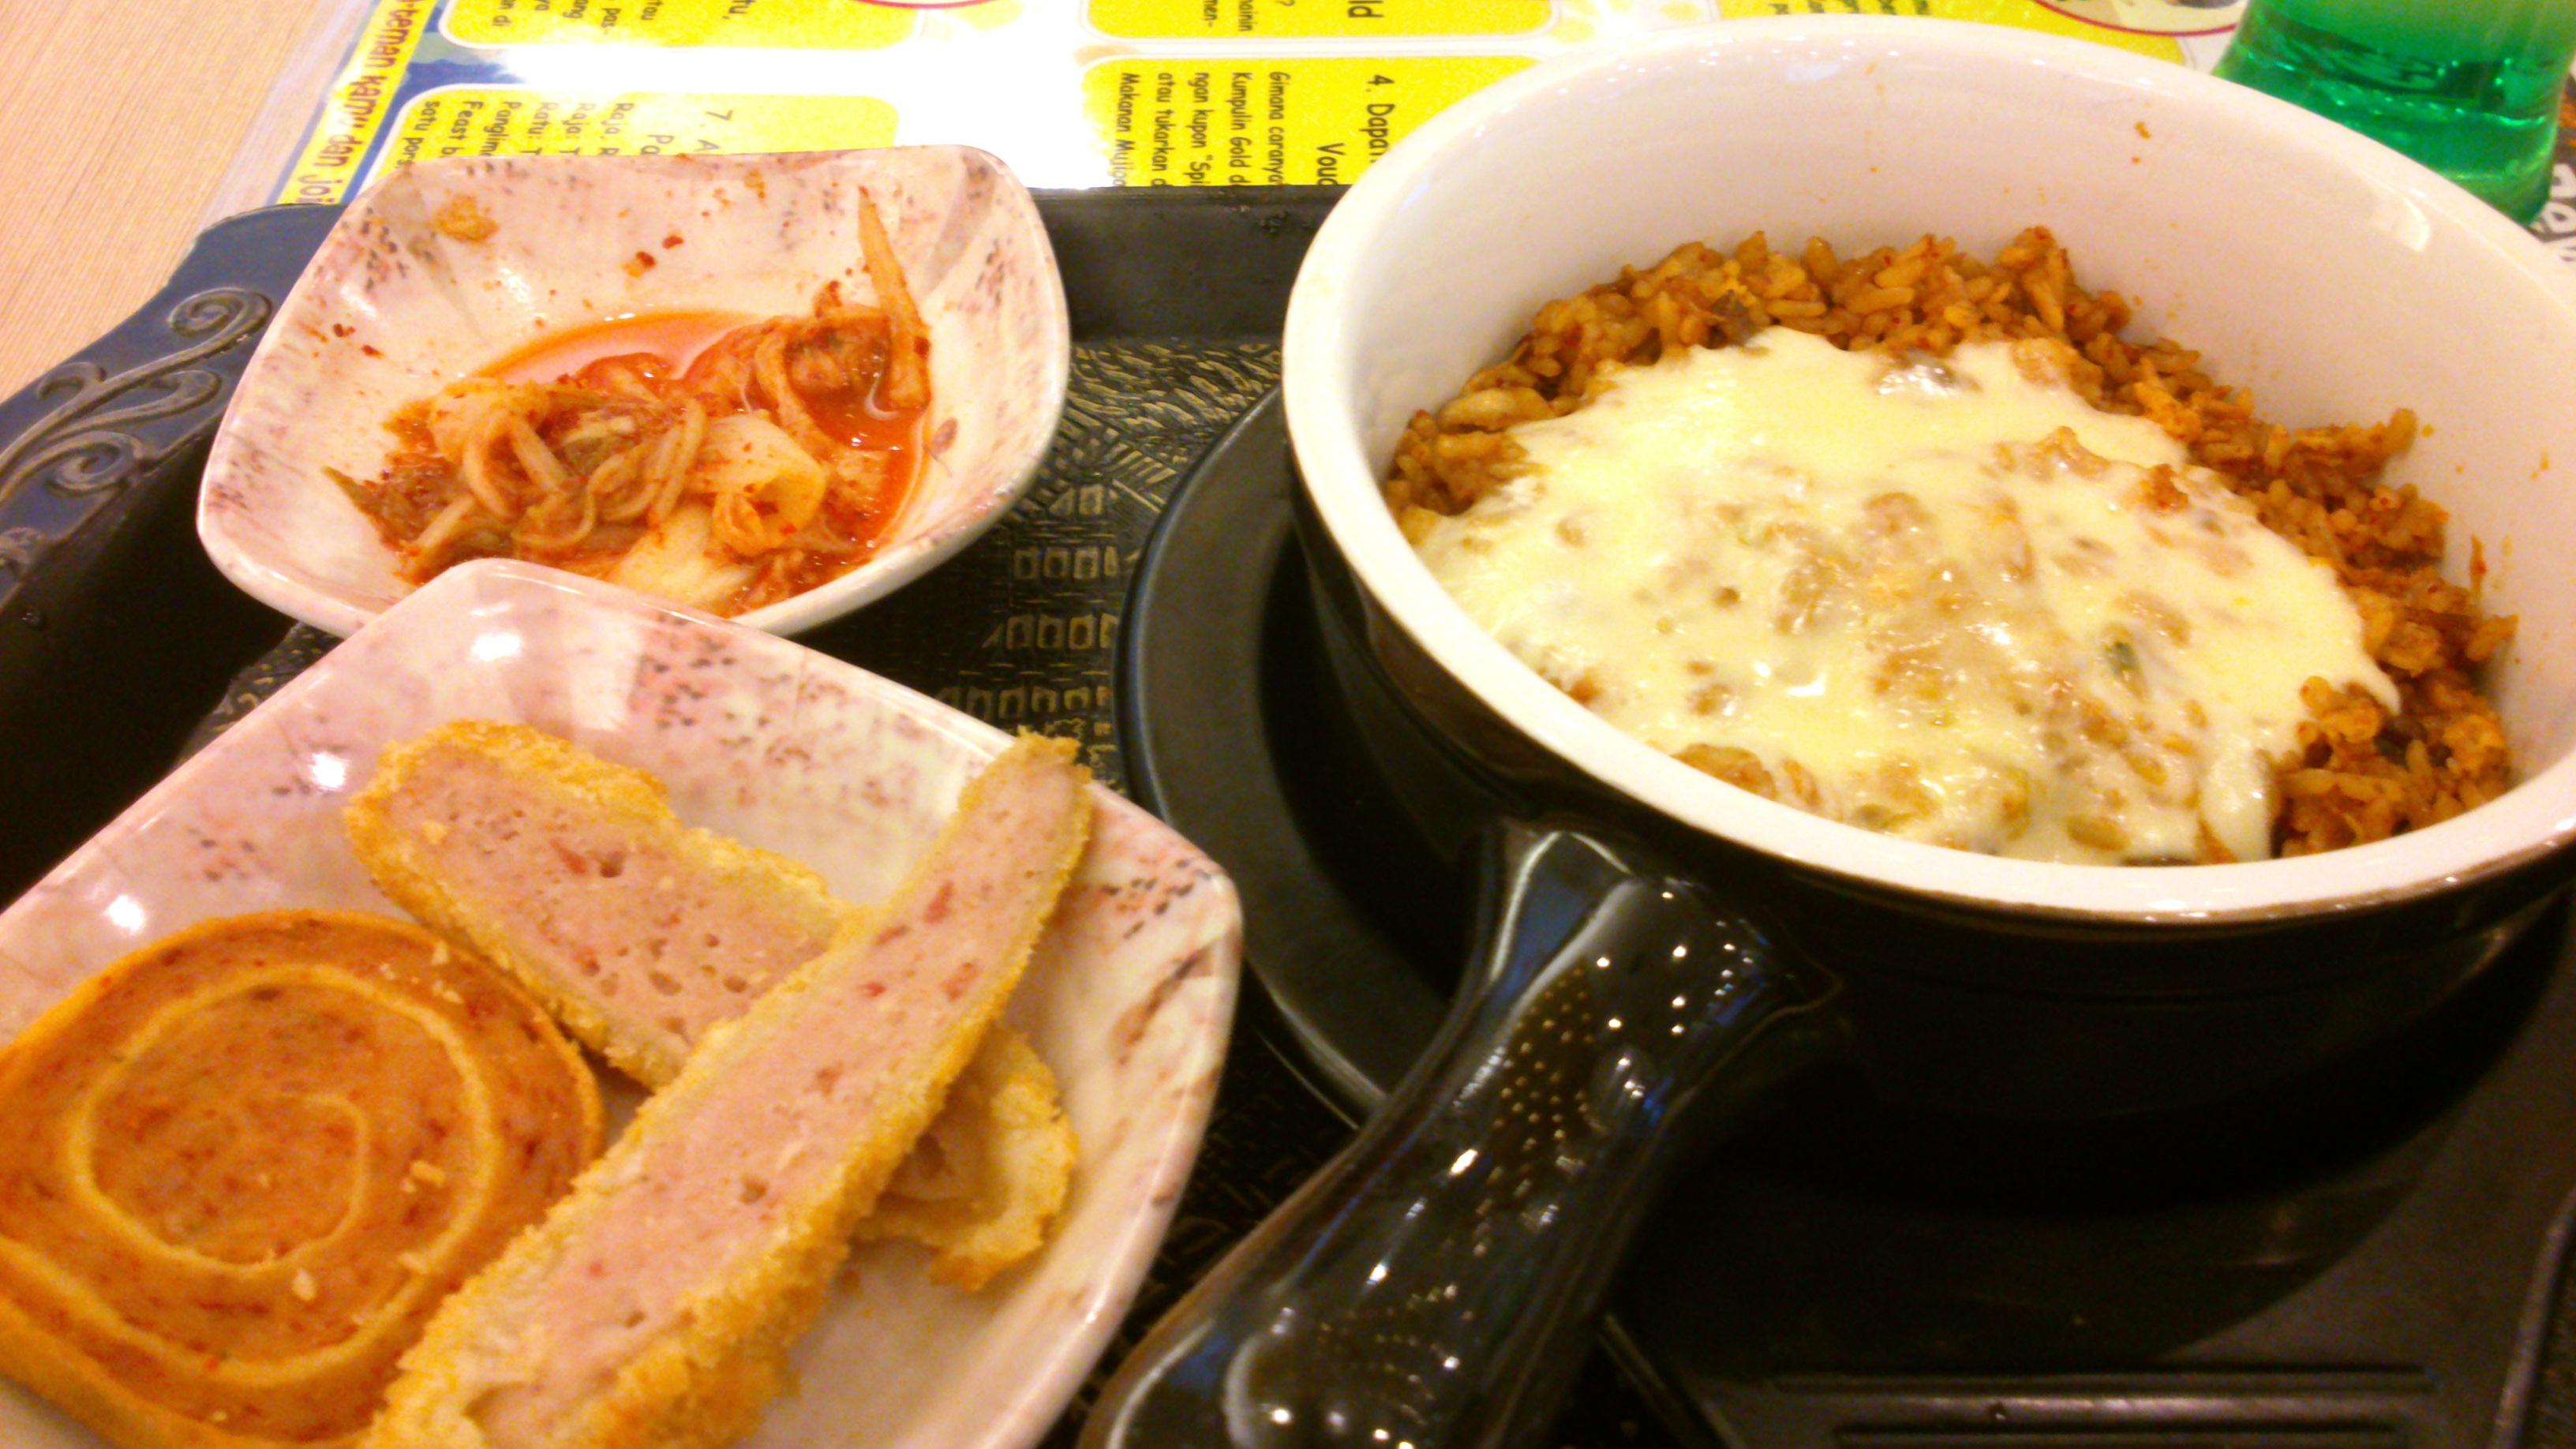 Mujigae Bibimbap and Casual Korean Food | Doodles